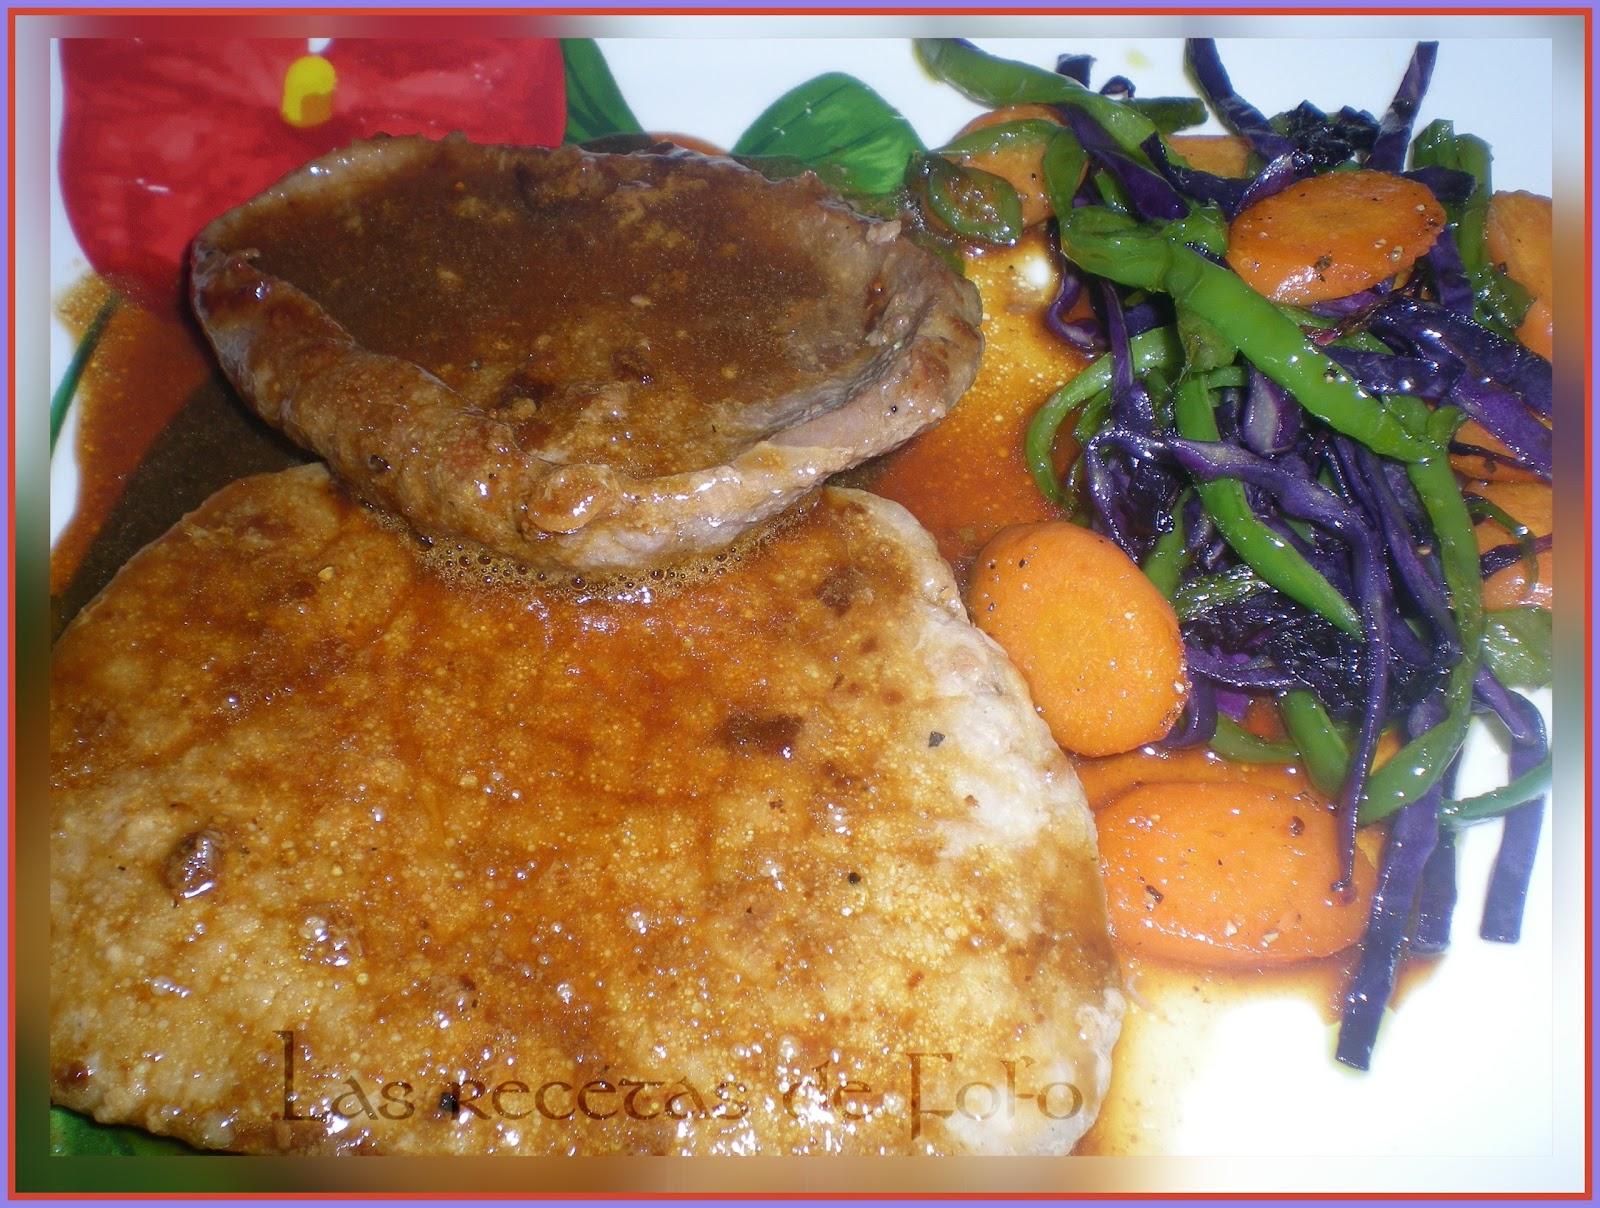 Las recetas de f fo filetes de ternera en salsa de soja - Filetes de ternera en salsa de cebolla ...